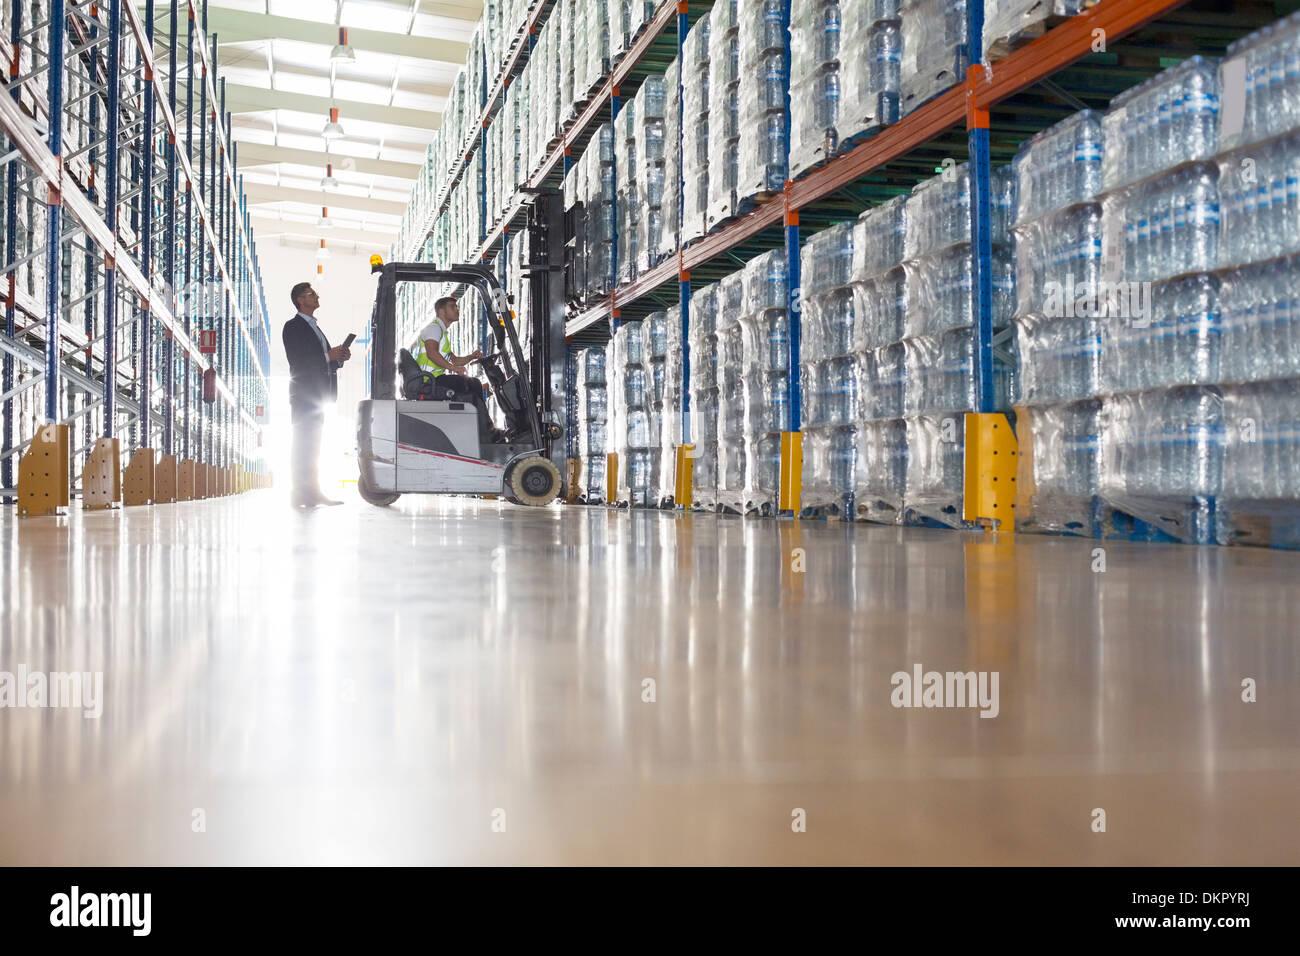 Avec les travailleurs d'entrepôt dans l'embouteillage de chariot élévateur Photo Stock